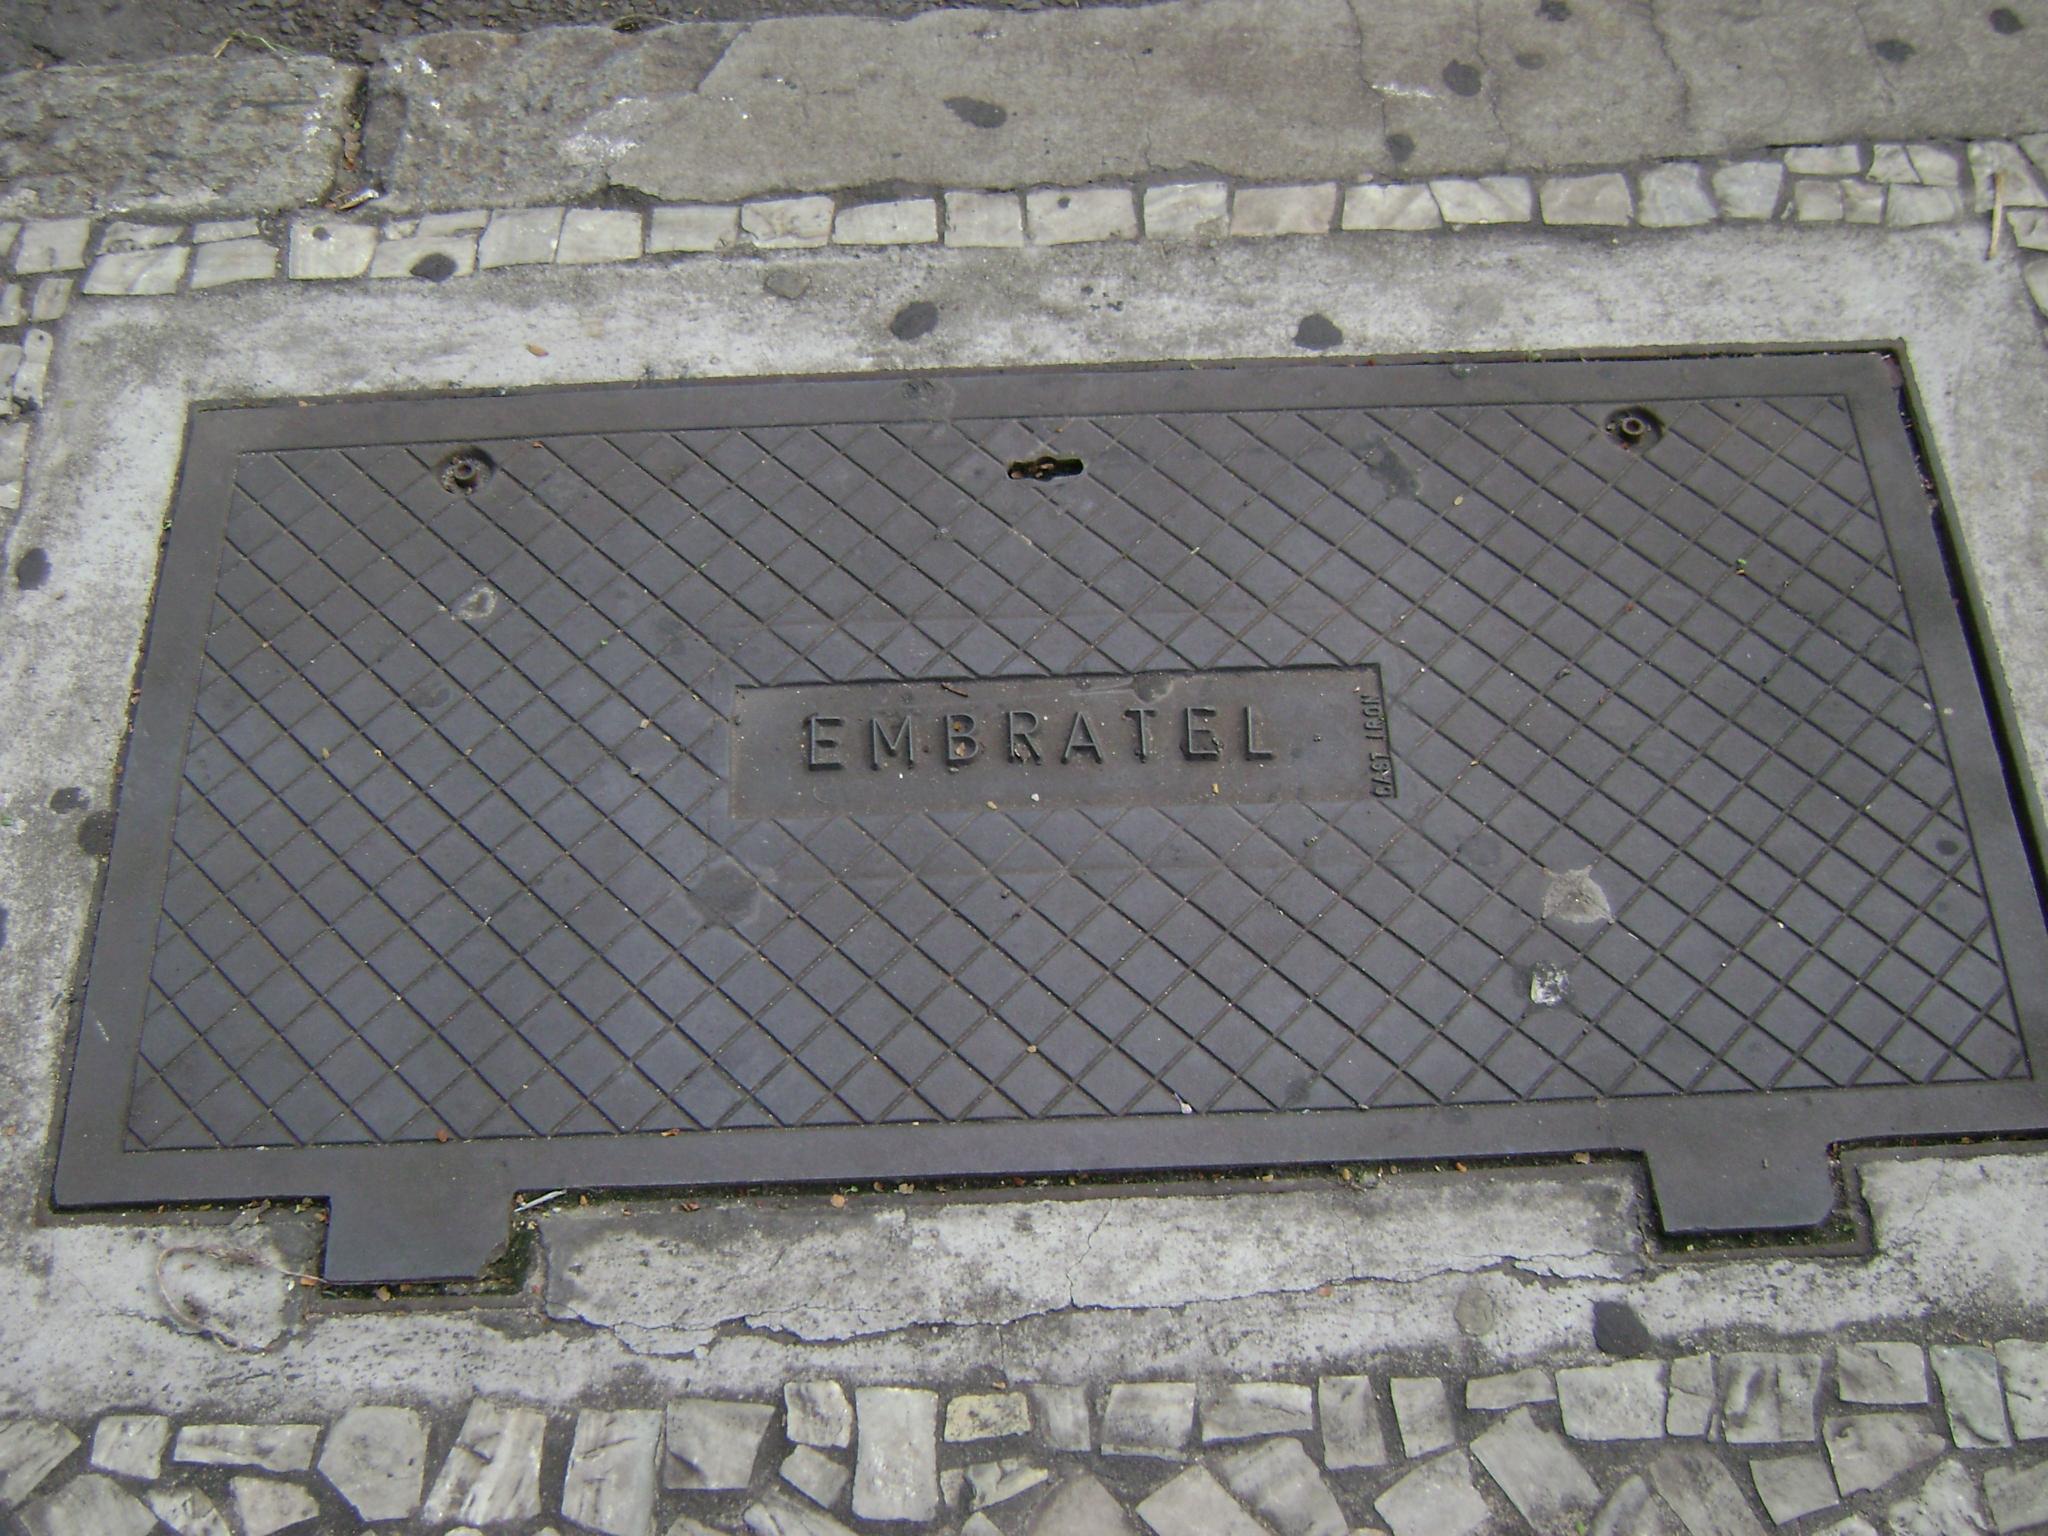 Embratel - Wikipedia